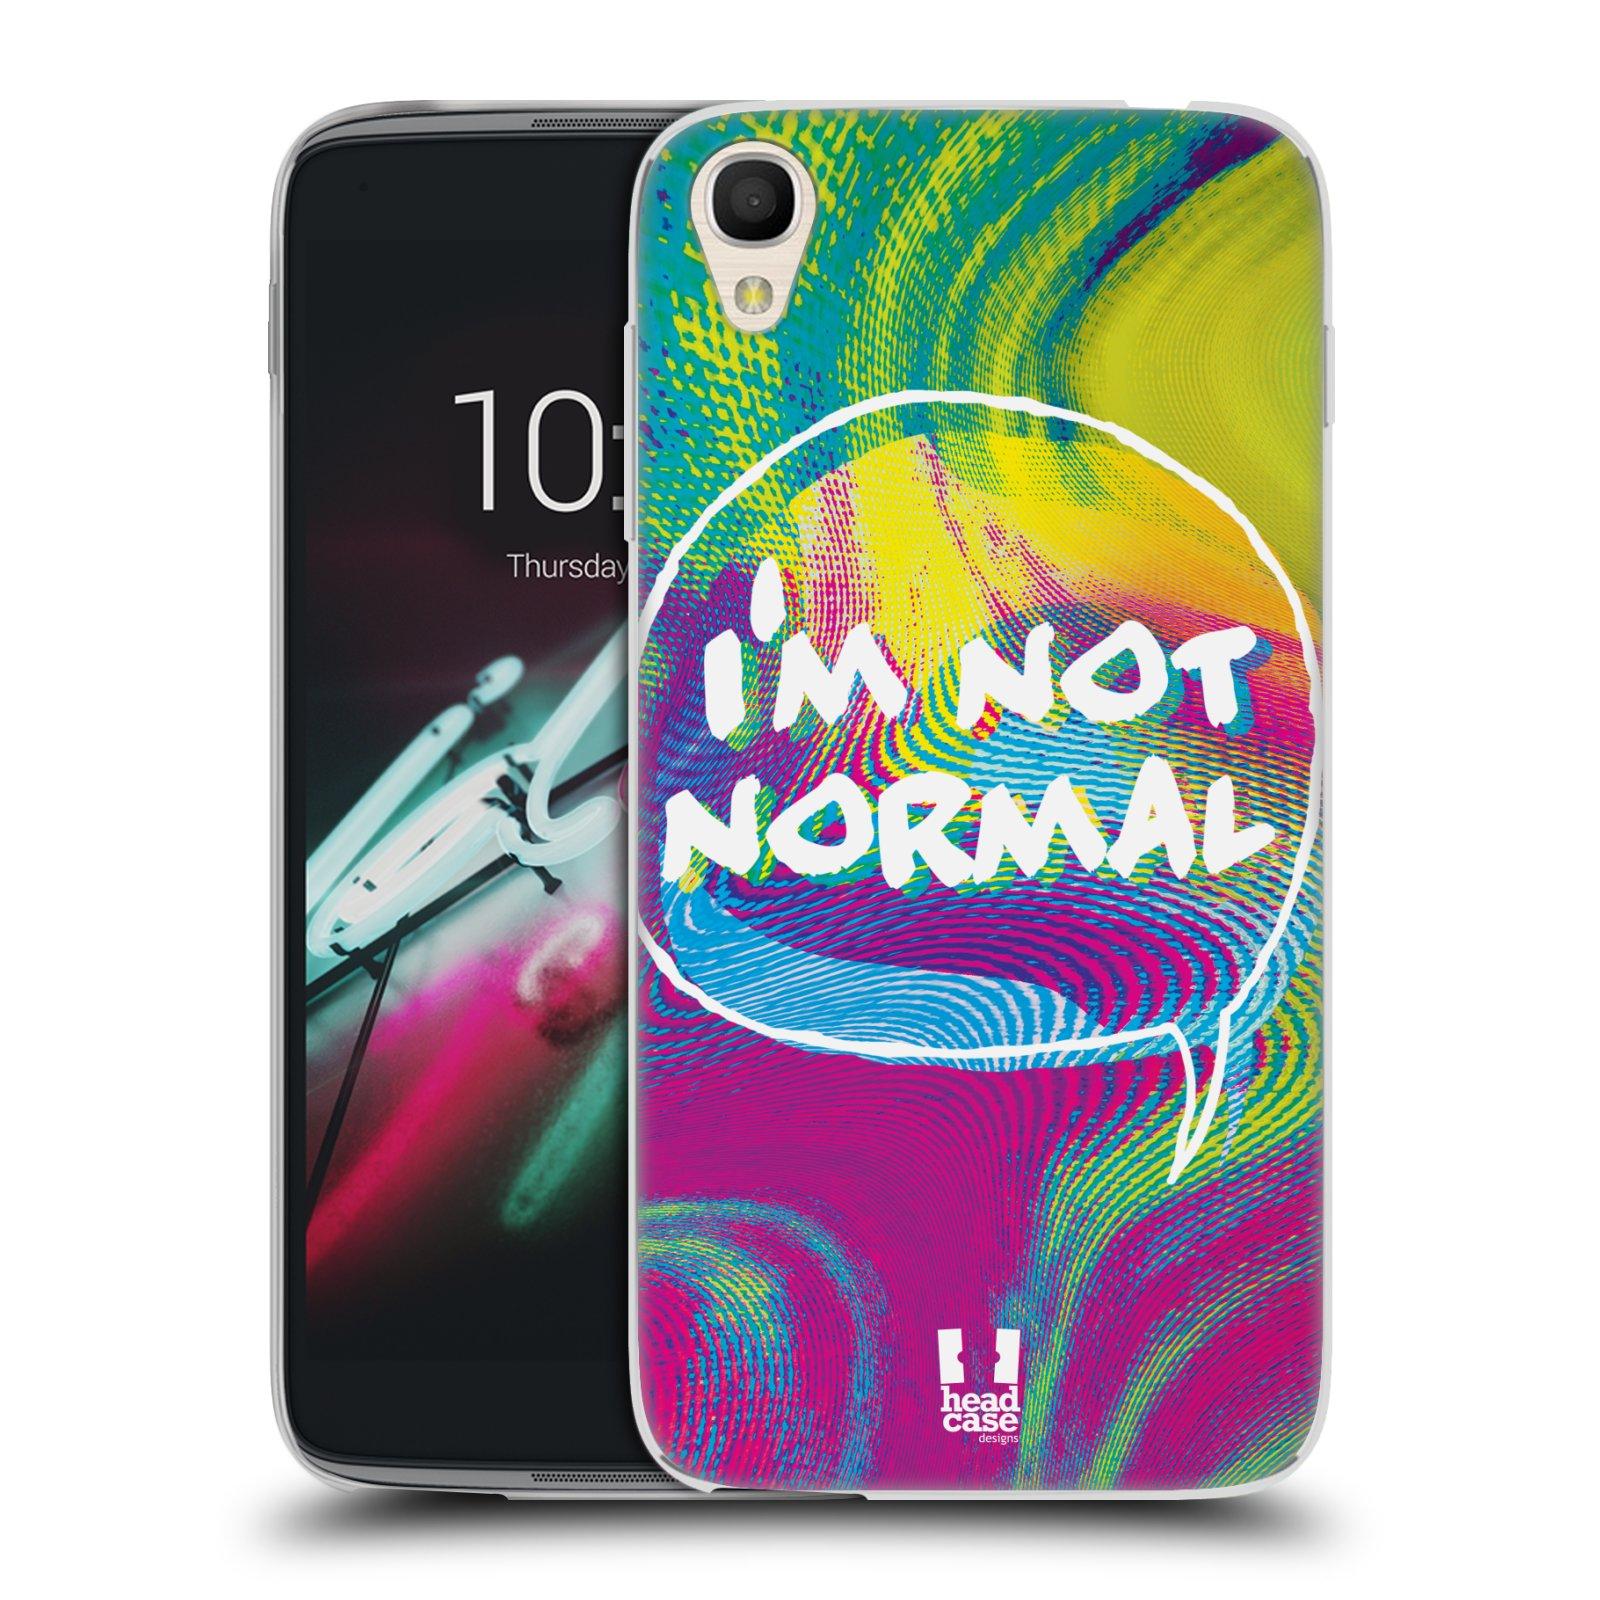 """Silikonové pouzdro na mobil Alcatel One Touch 6039Y Idol 3 HEAD CASE HOLOGRAF I'M NOT NORMAL (Silikonový kryt či obal na mobilní telefon Alcatel One Touch Idol 3 OT-6039Y s 4,7"""" displejem)"""